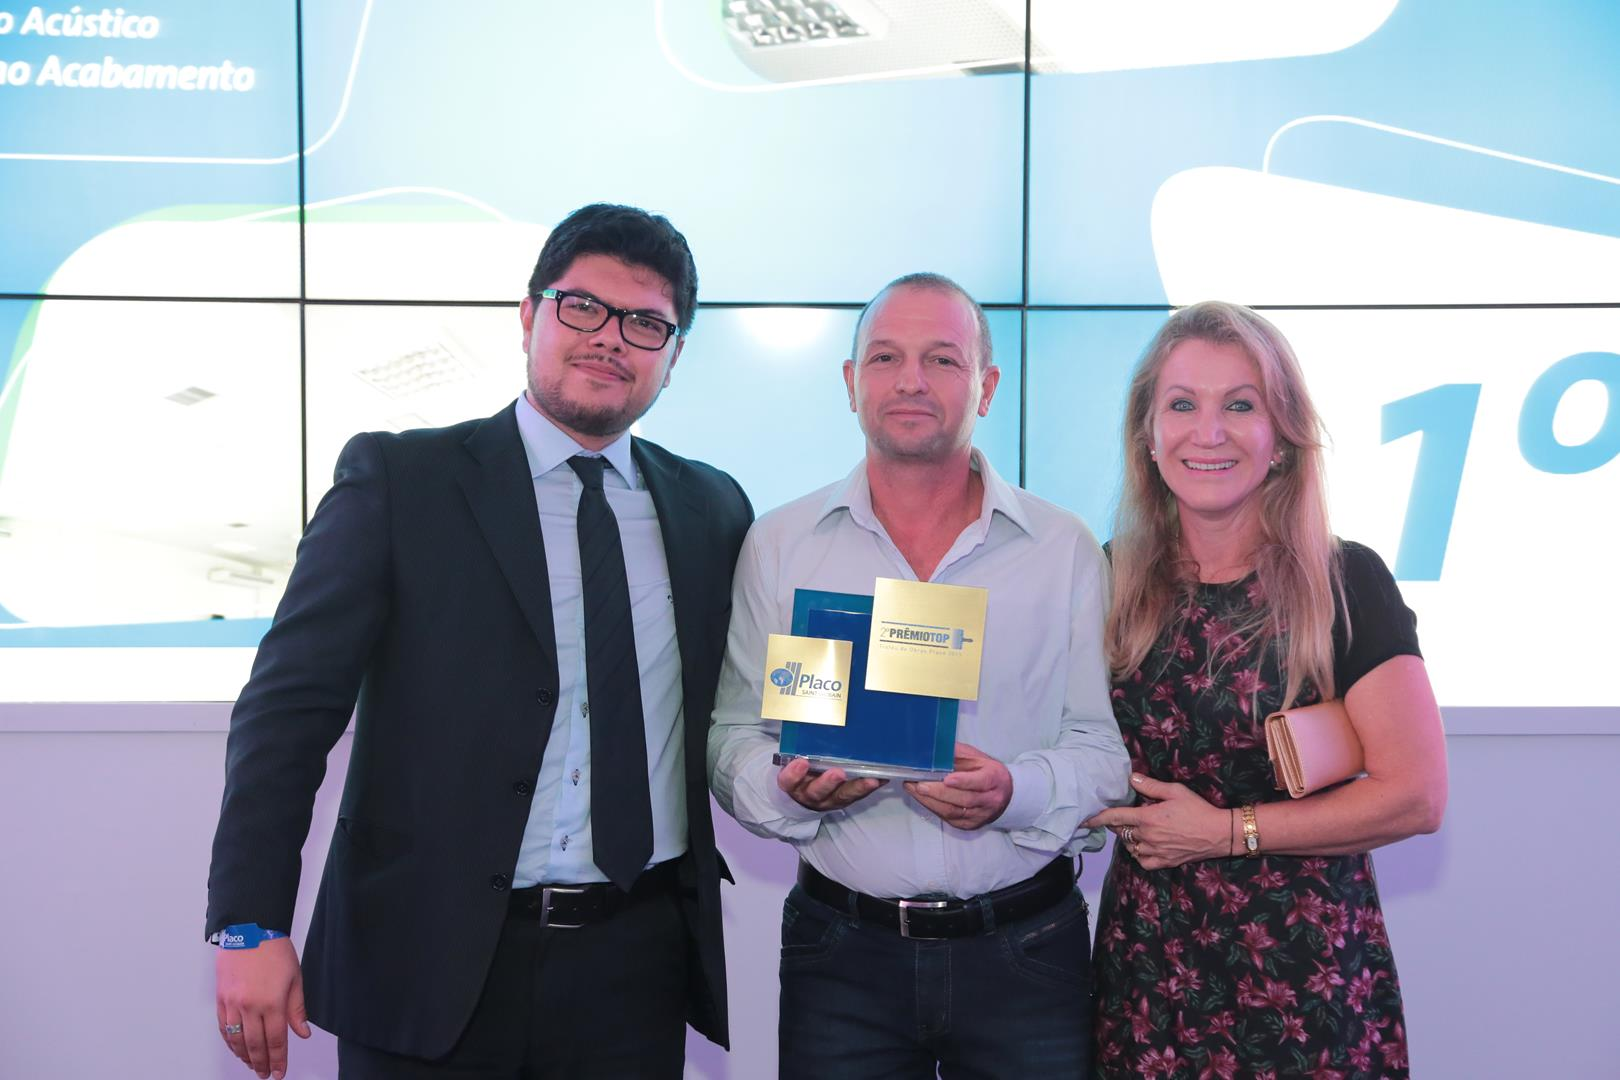 MAVIGESSO Vence o 2° Prêmio TOP - Troféu de Obras Placo